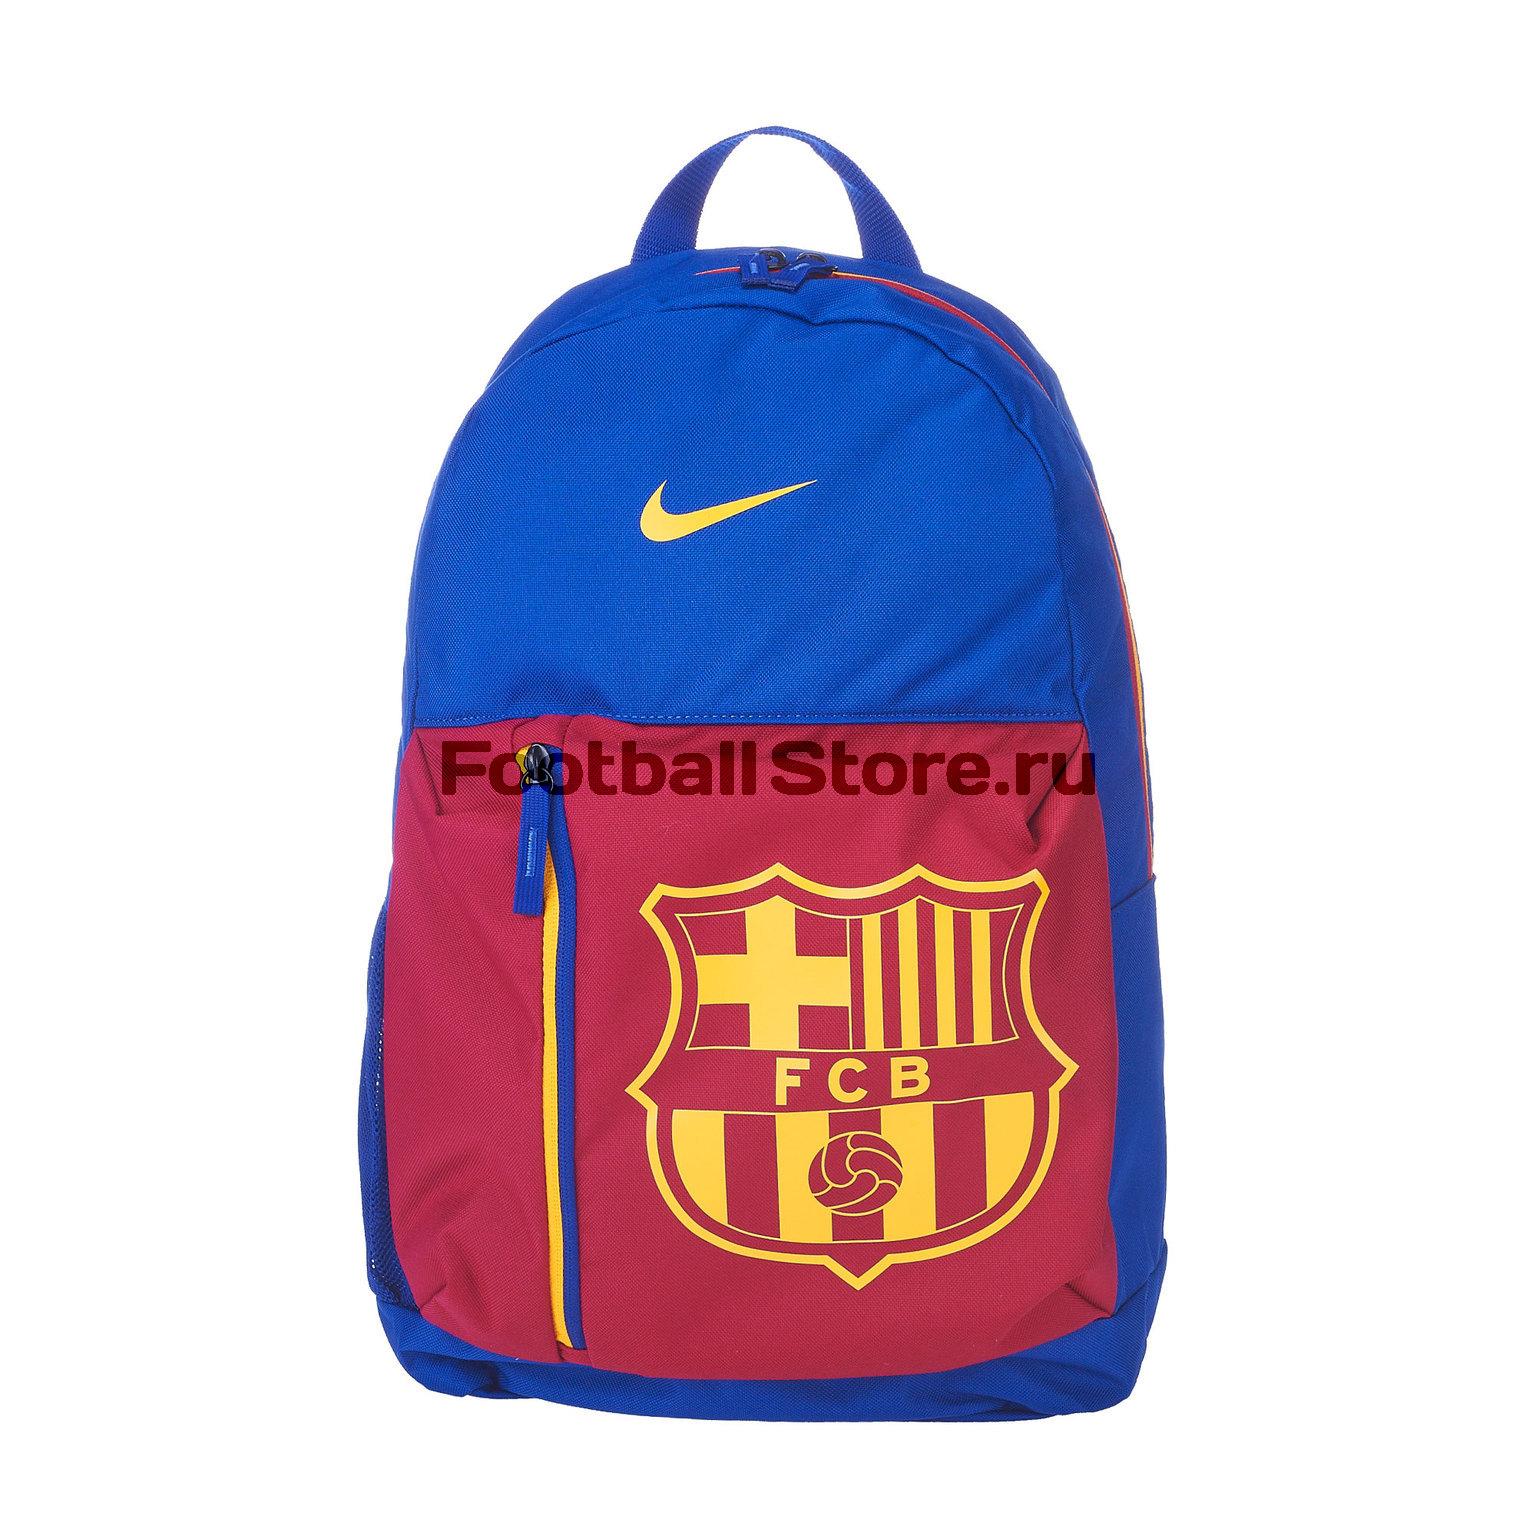 Рюкзак детский Nike Barcelona Stadium BA5524-455 рюкзак детский nike brasilia backpack ba5473 480